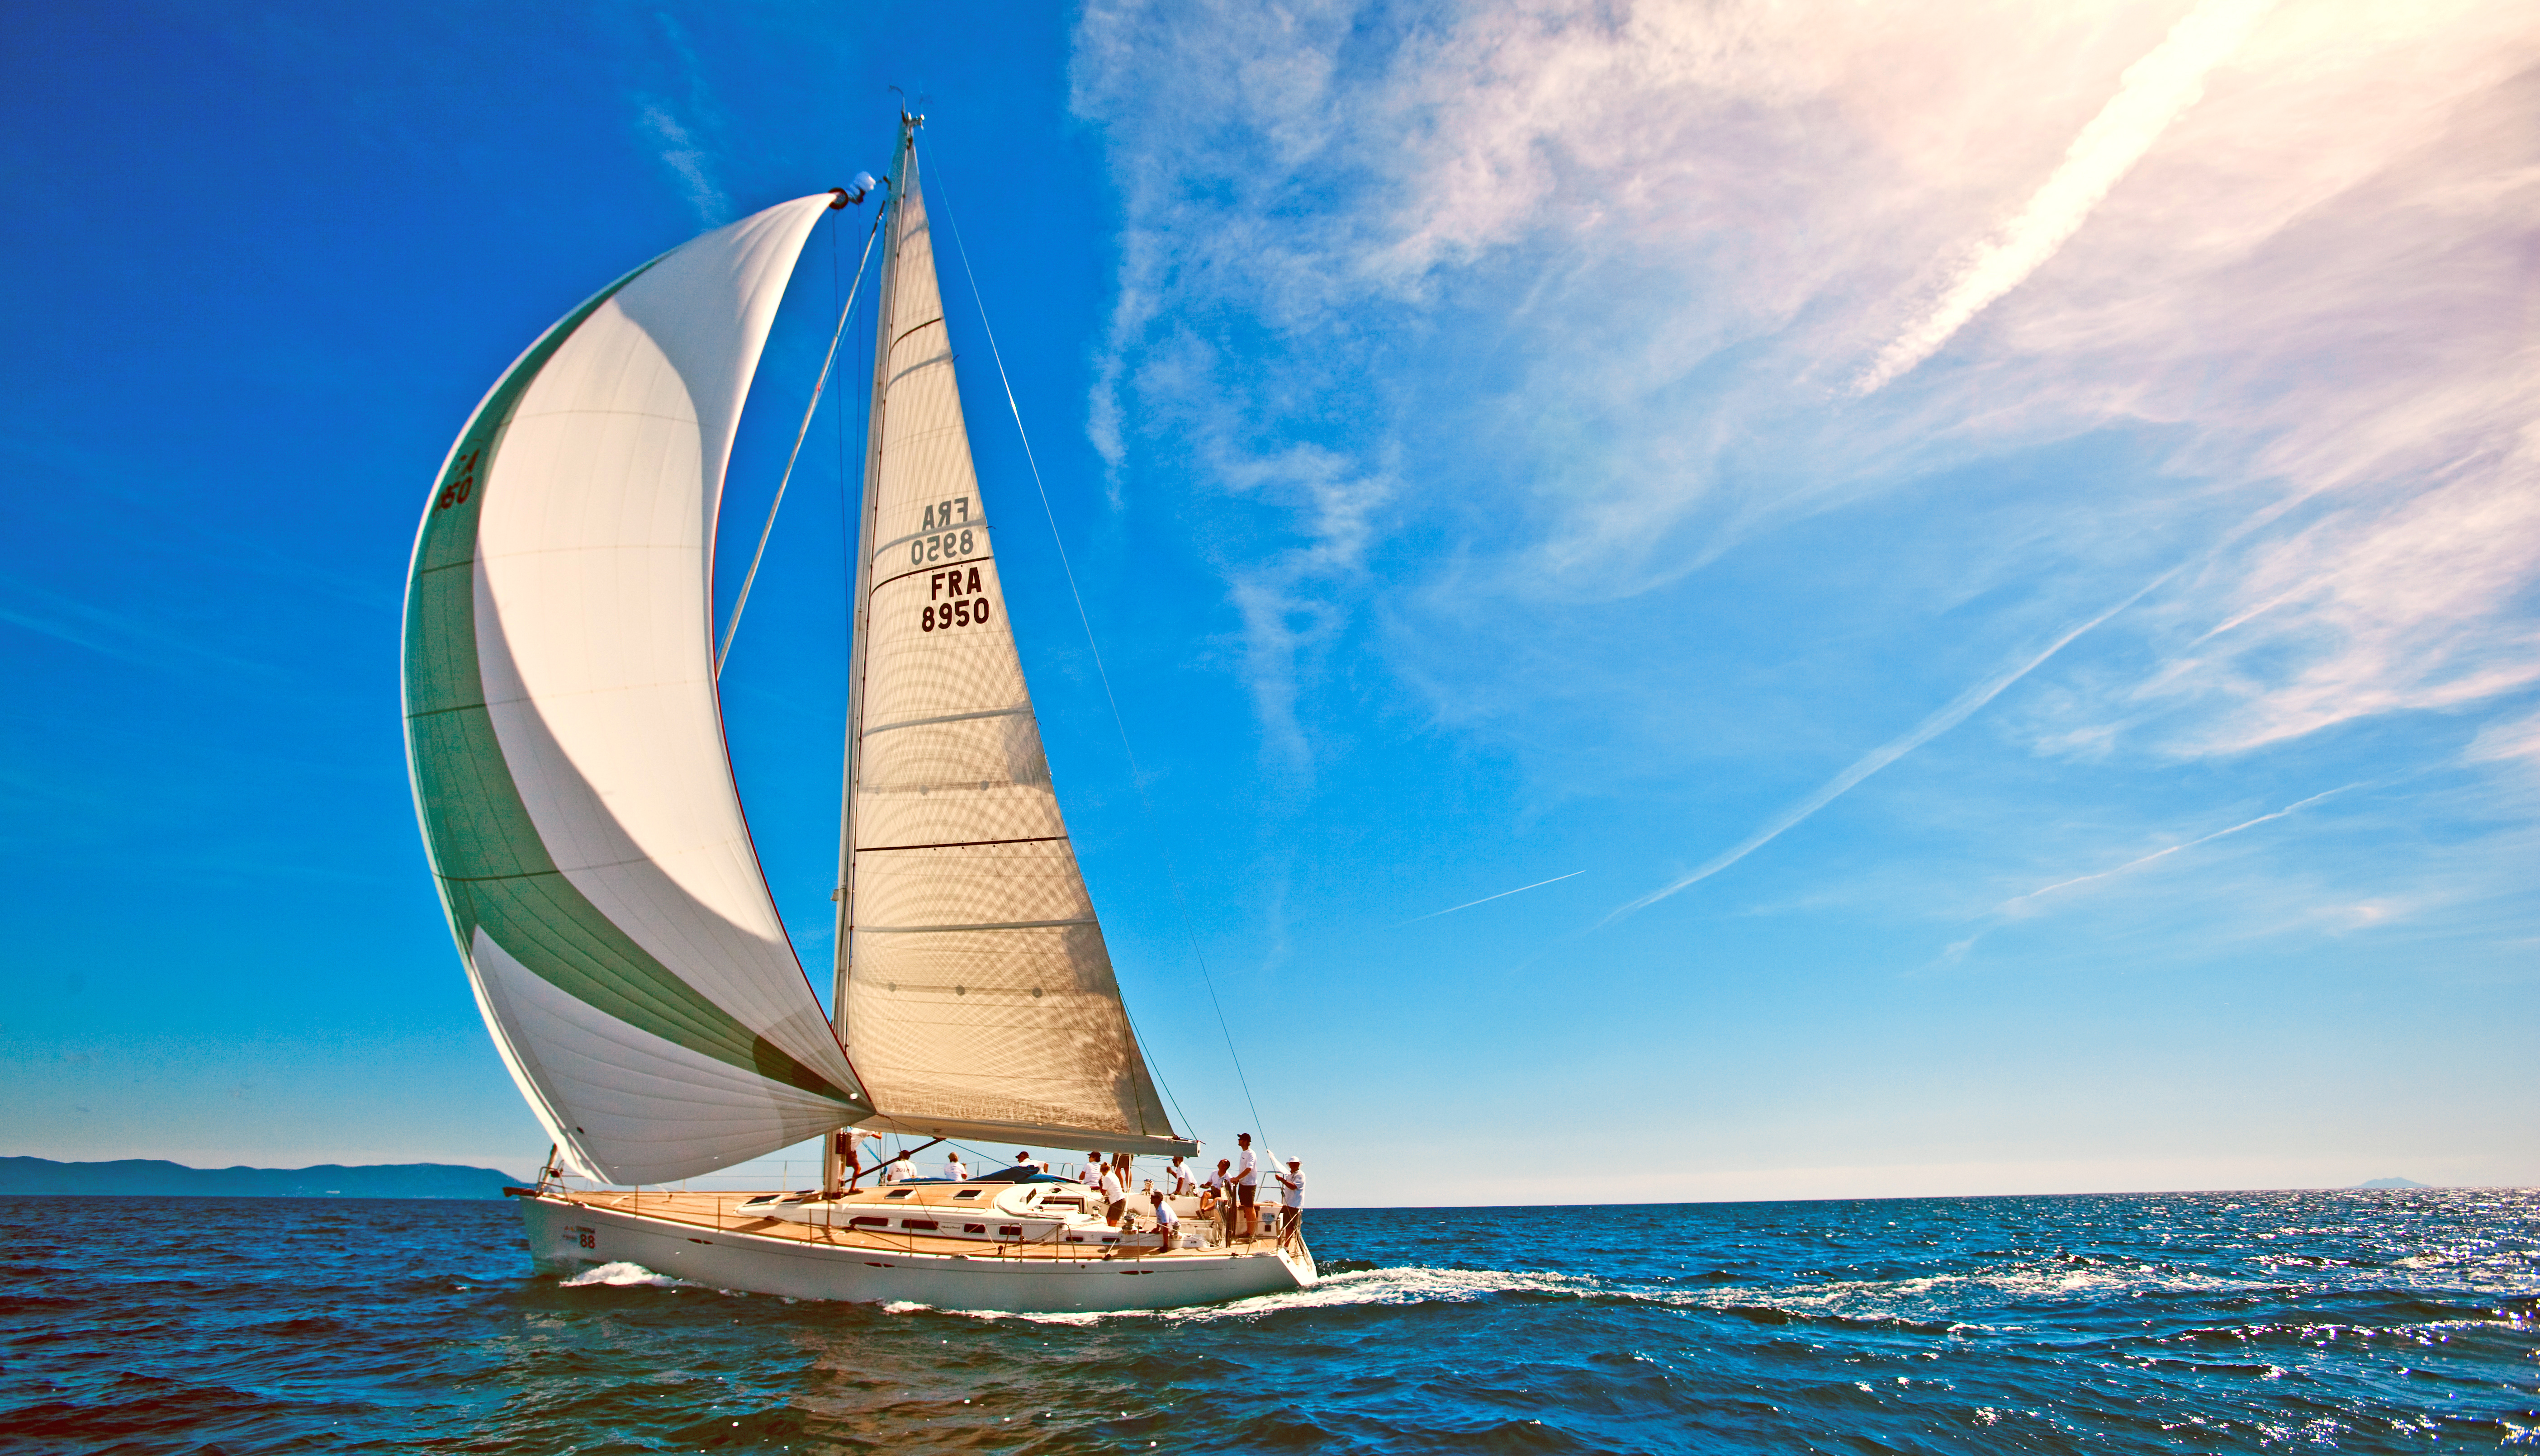 яхта парус море остров  № 3944436 загрузить